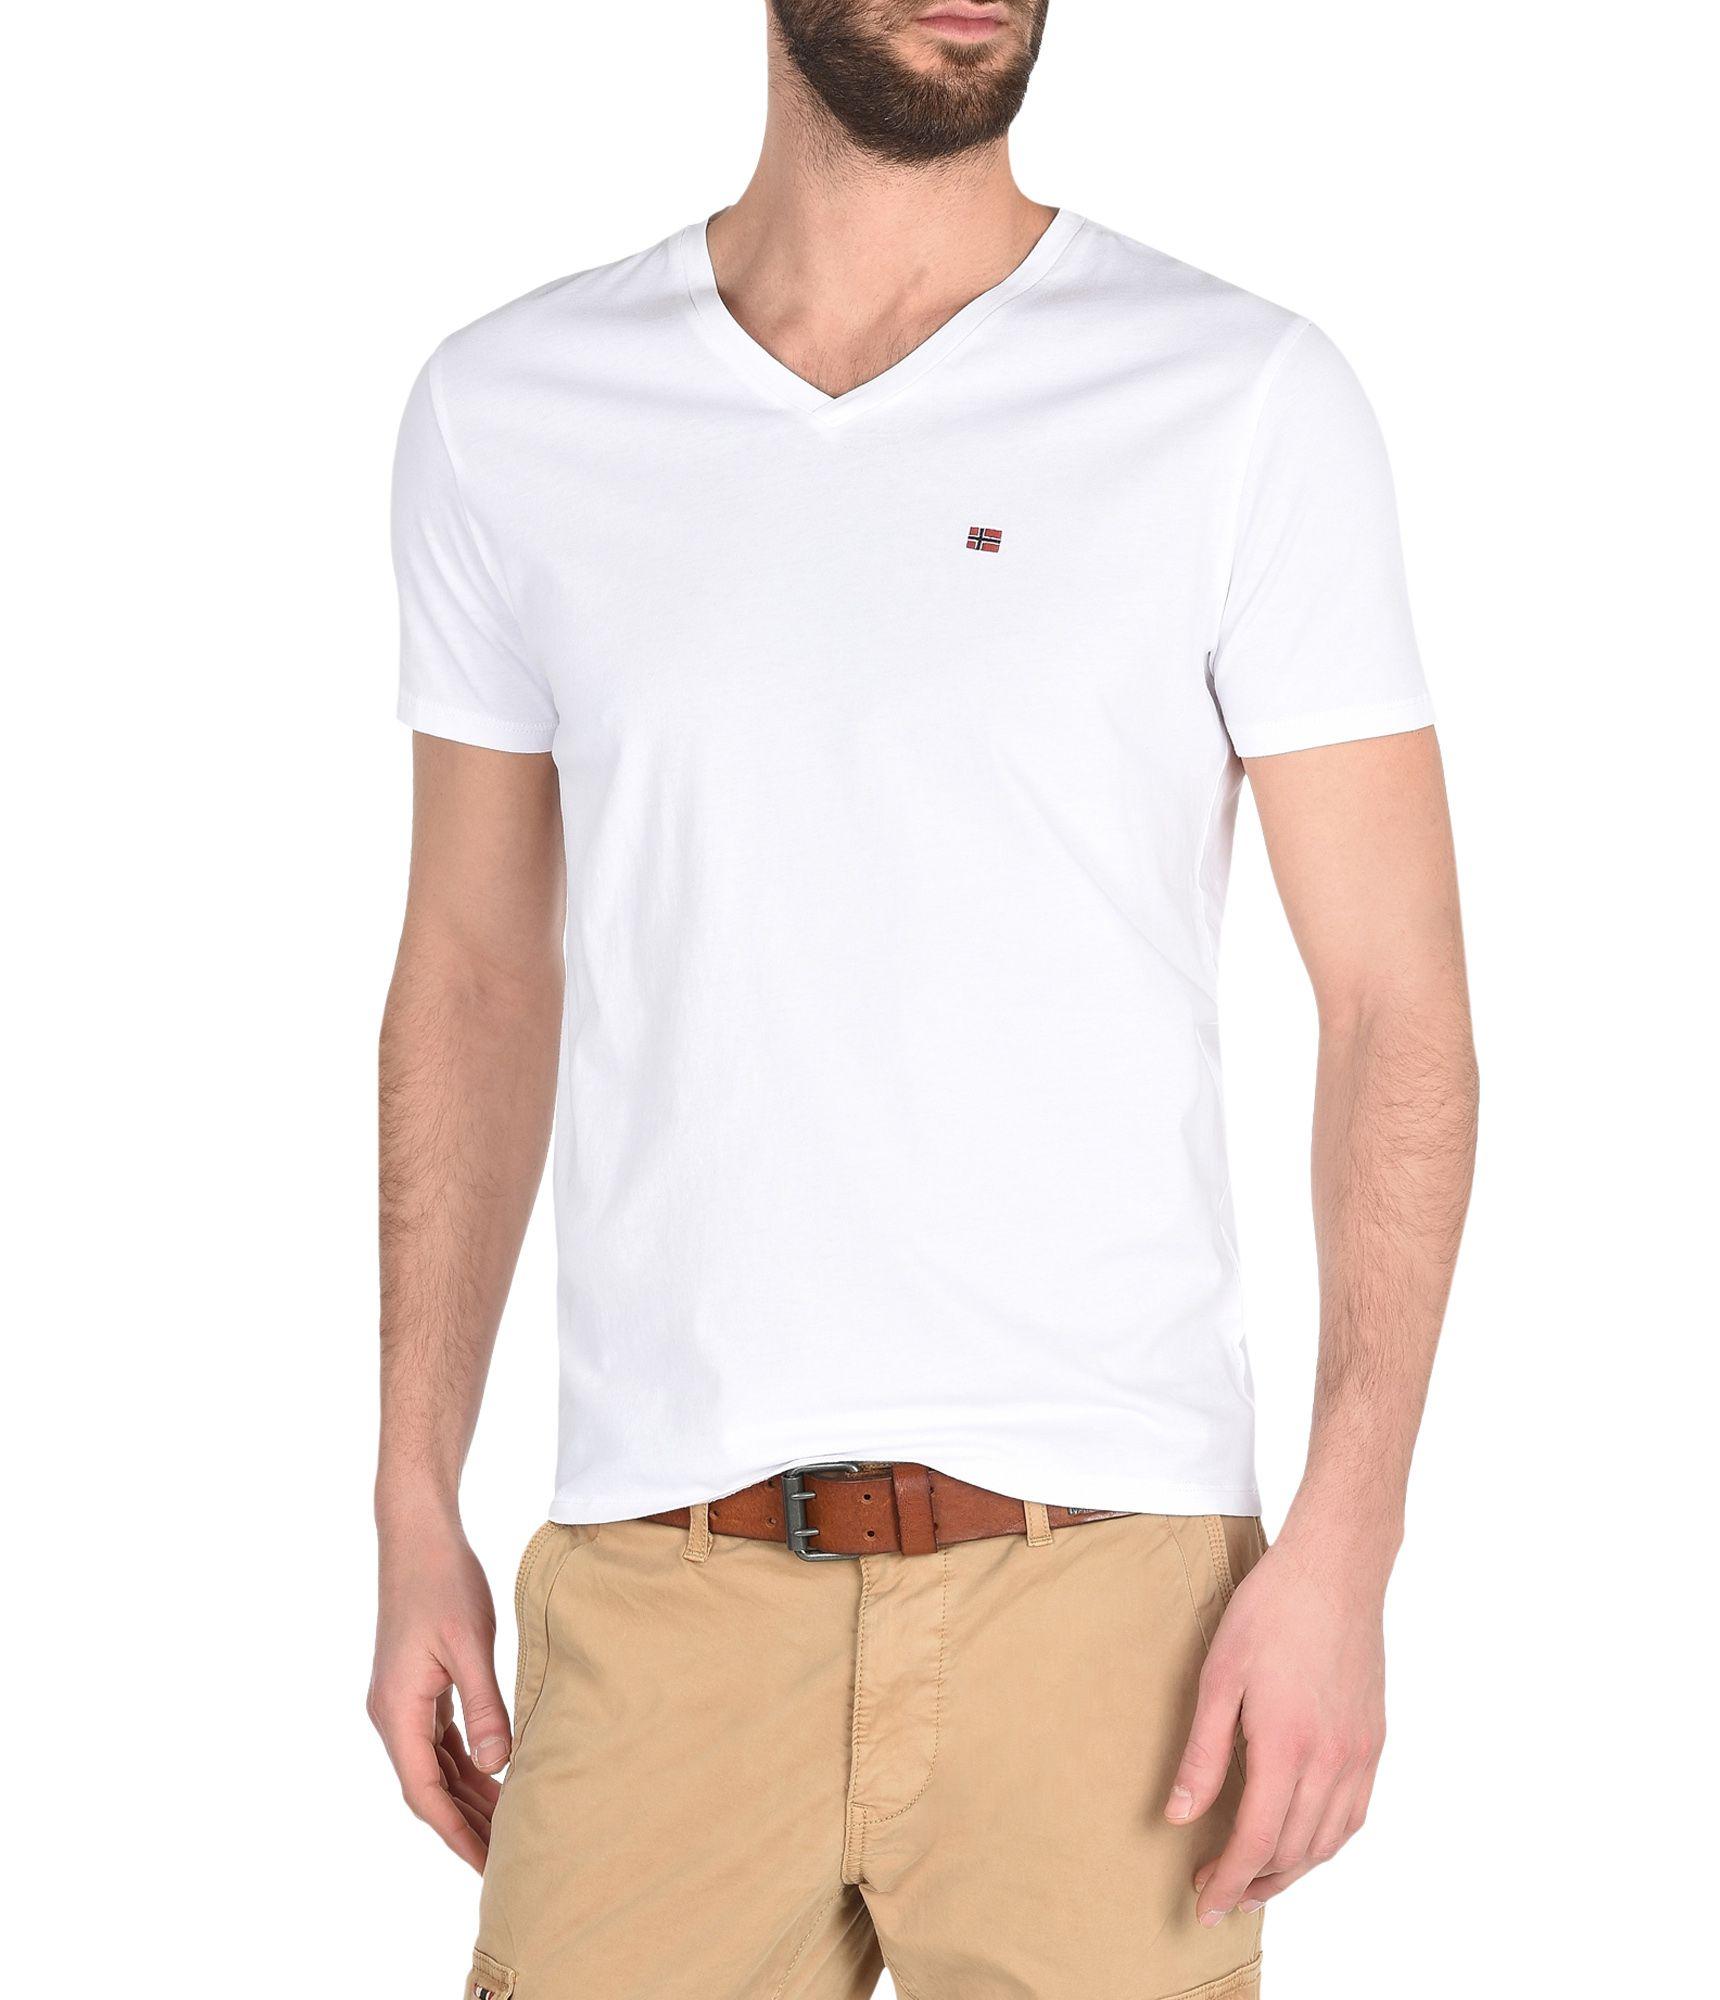 Artikel klicken und genauer betrachten! - T-Shirt mit V-Ausschnitt und kurzen Ärmeln Vintage-Effektbehandlung Grafikelemente | im Online Shop kaufen